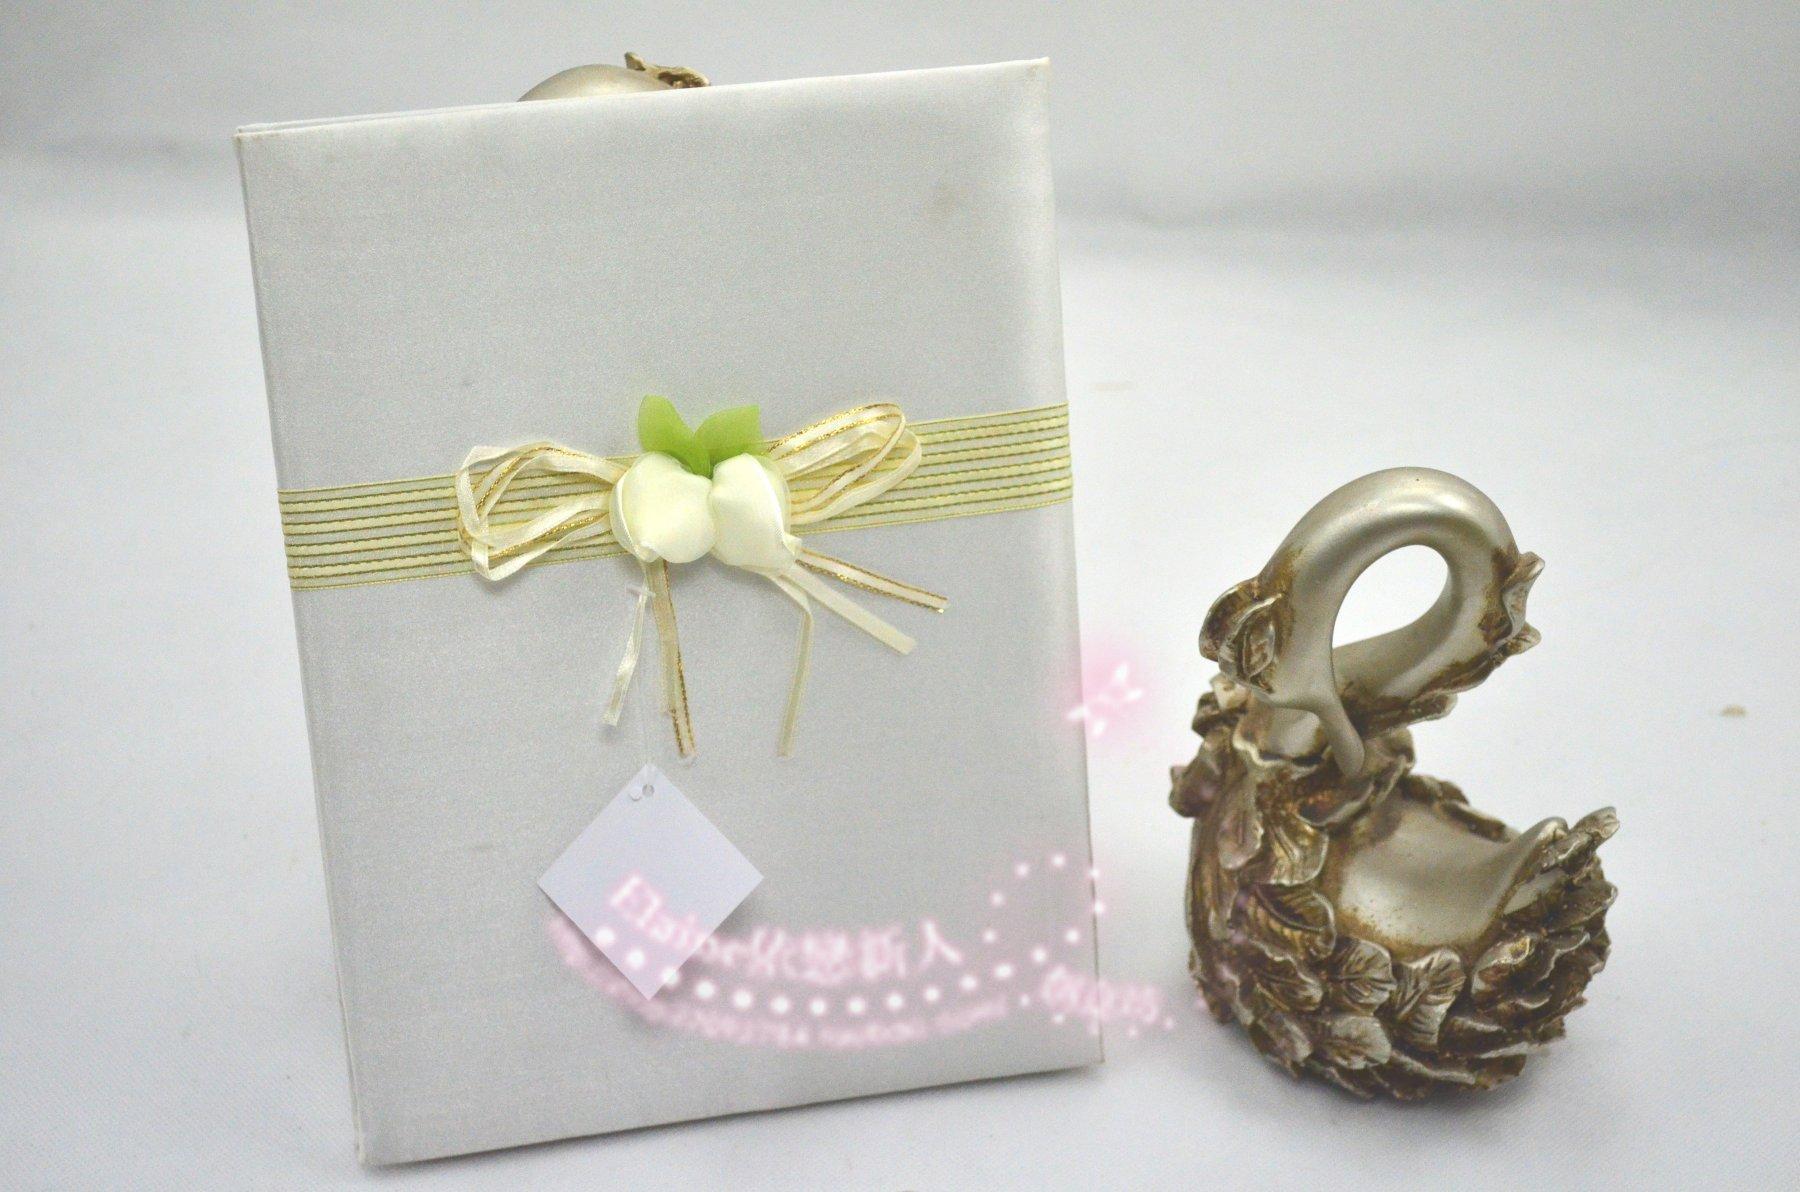 婚庆婚礼用品 嘉宾签名签到 欧式 签到本/签到簿/签到册 白玫瑰